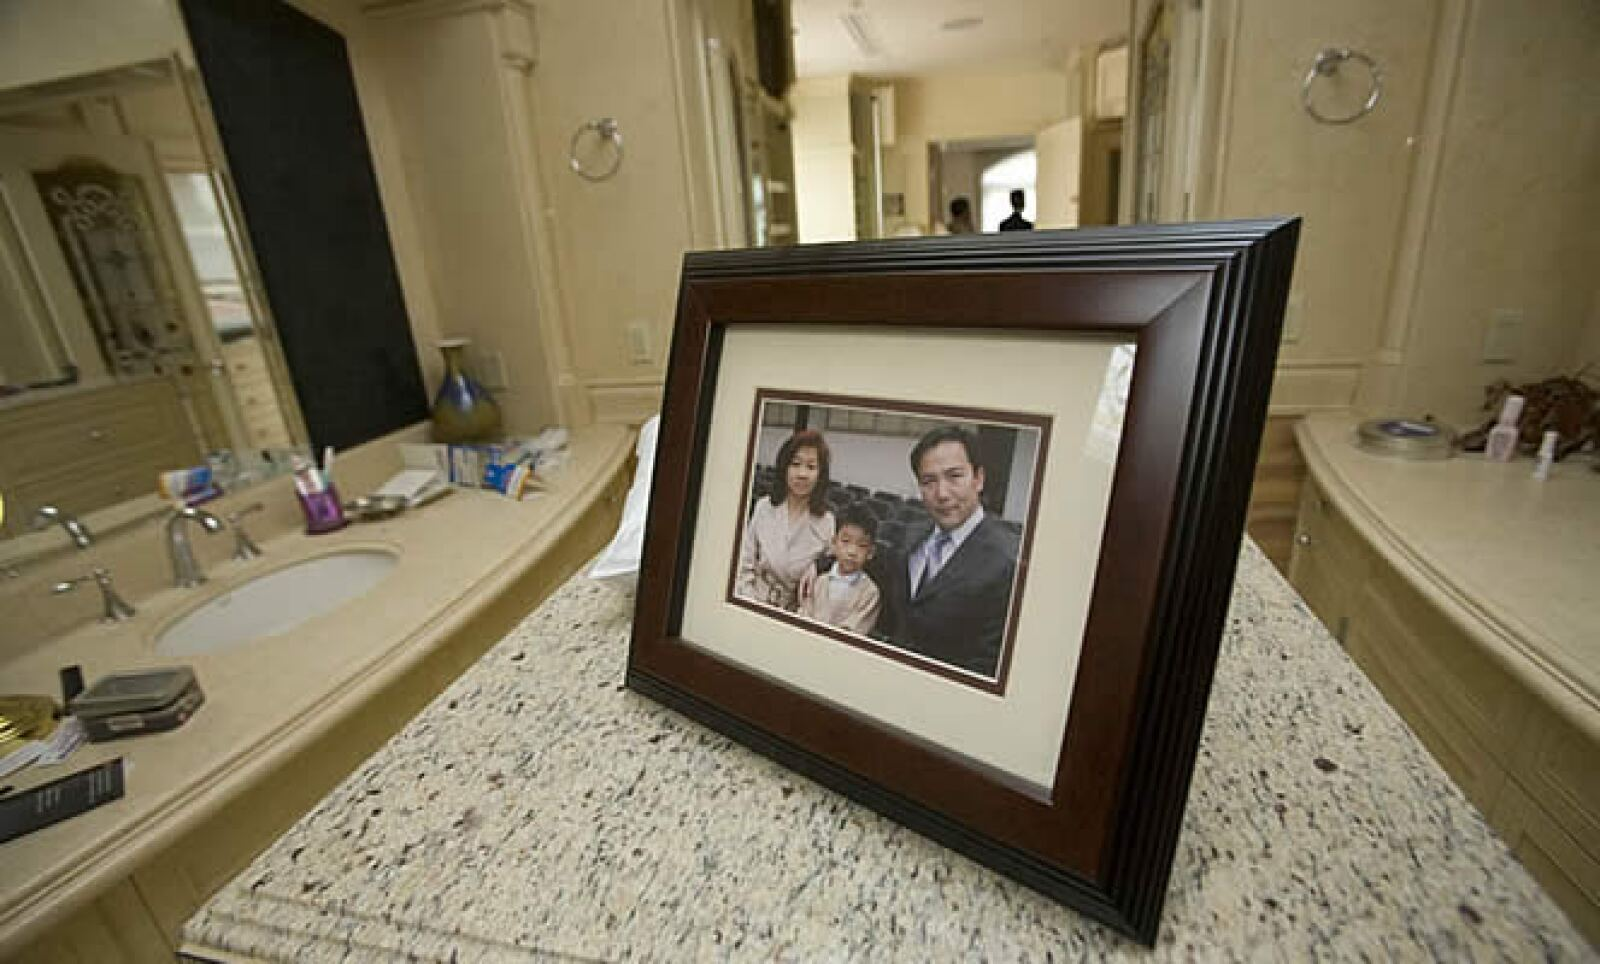 Según Ferbando Salinas, director corporativo de Operaciones del SAE, el Gobierno pretende rentar el inmueble del empresario de origen chino que, preso en EU, enfrenta un proceso de extradición a México.